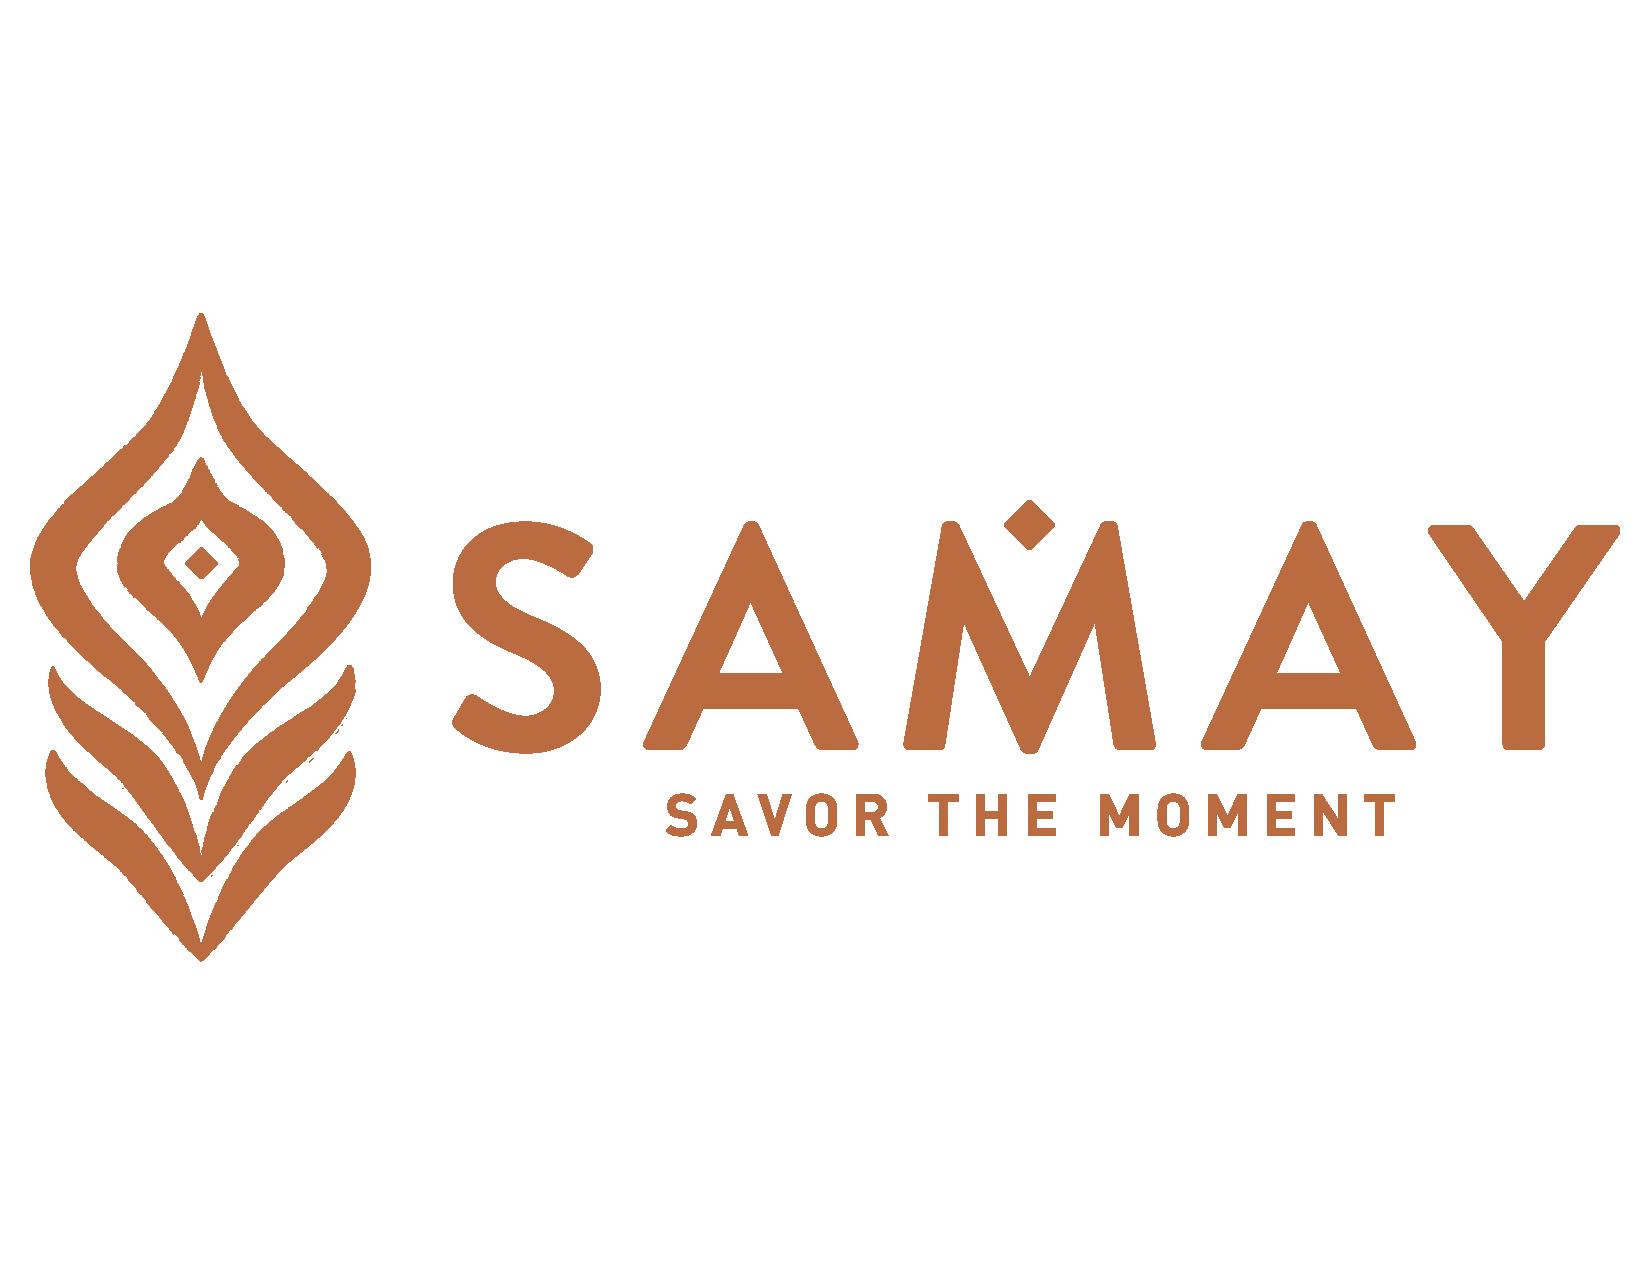 SAMAY_Horizontal_Color.png